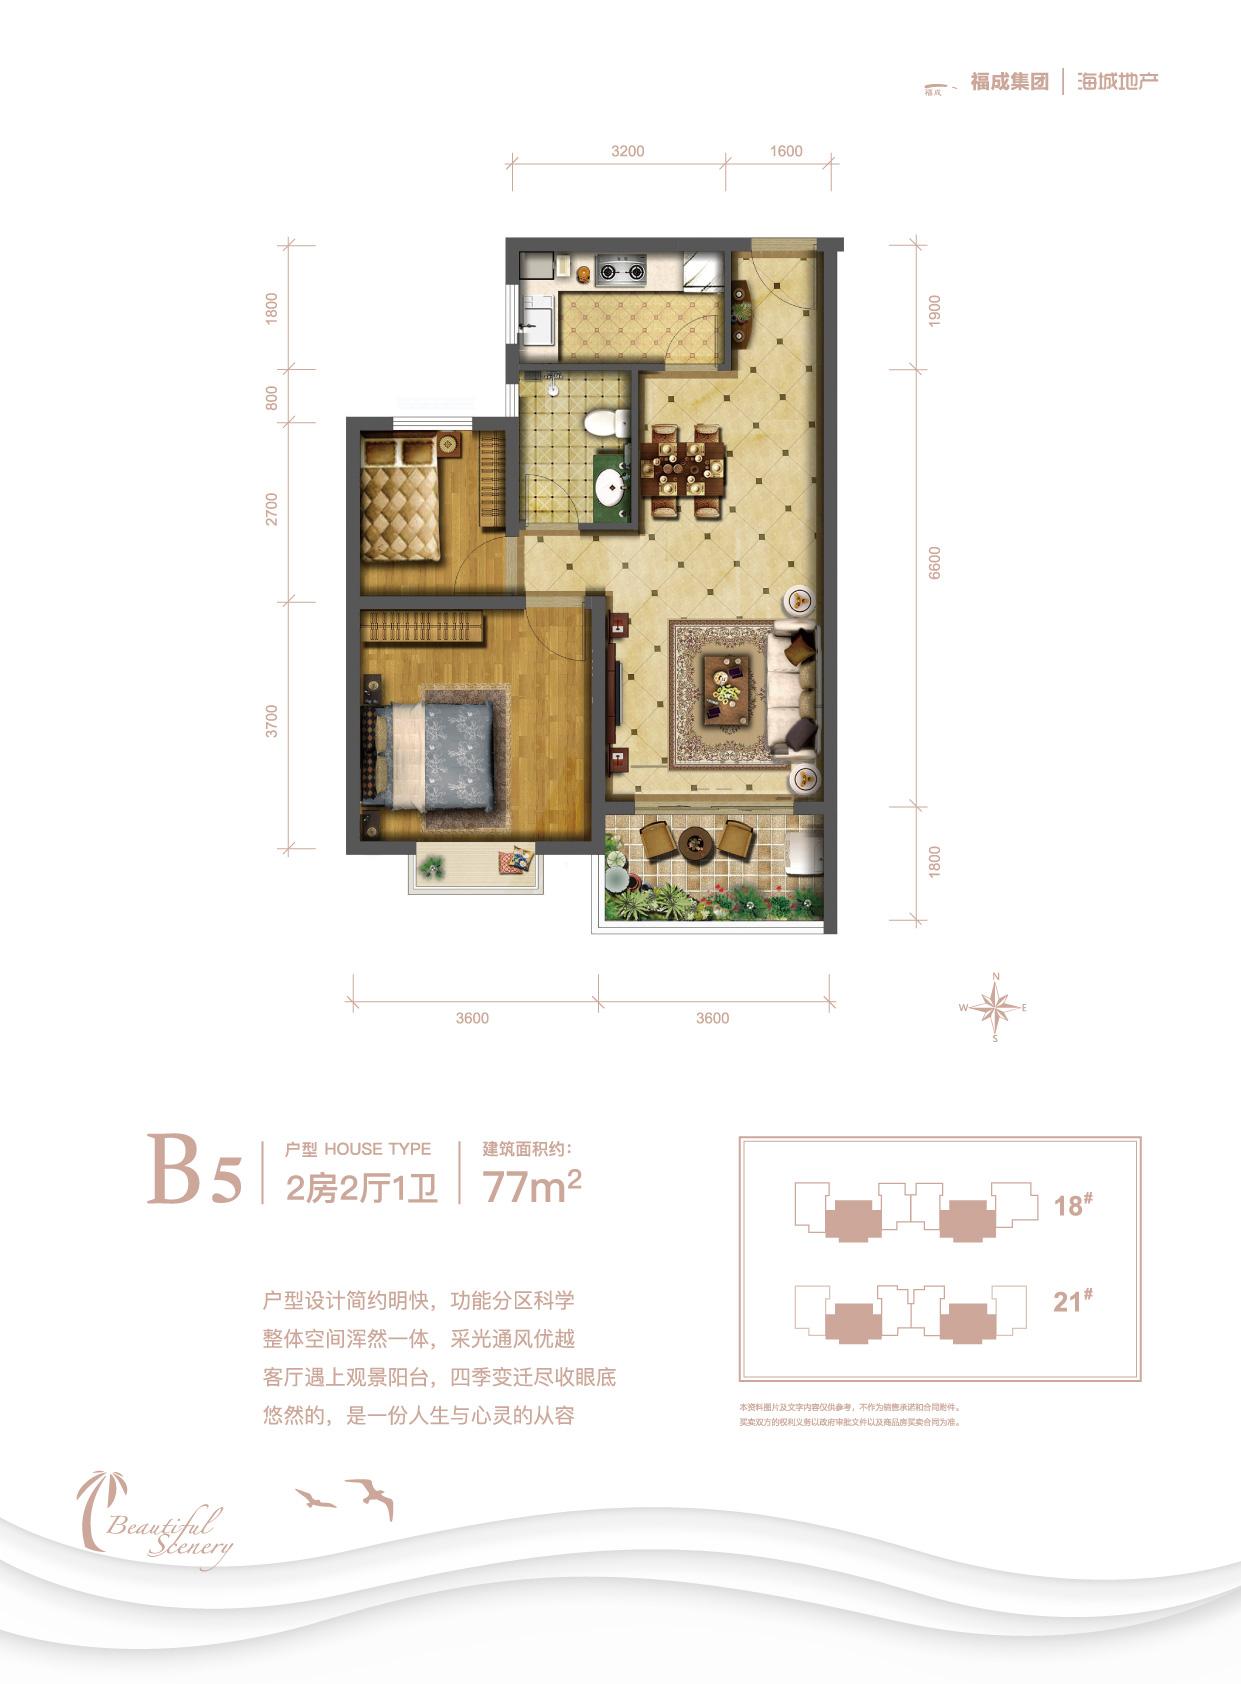 B5户型 2房2厅1卫 建面77㎡